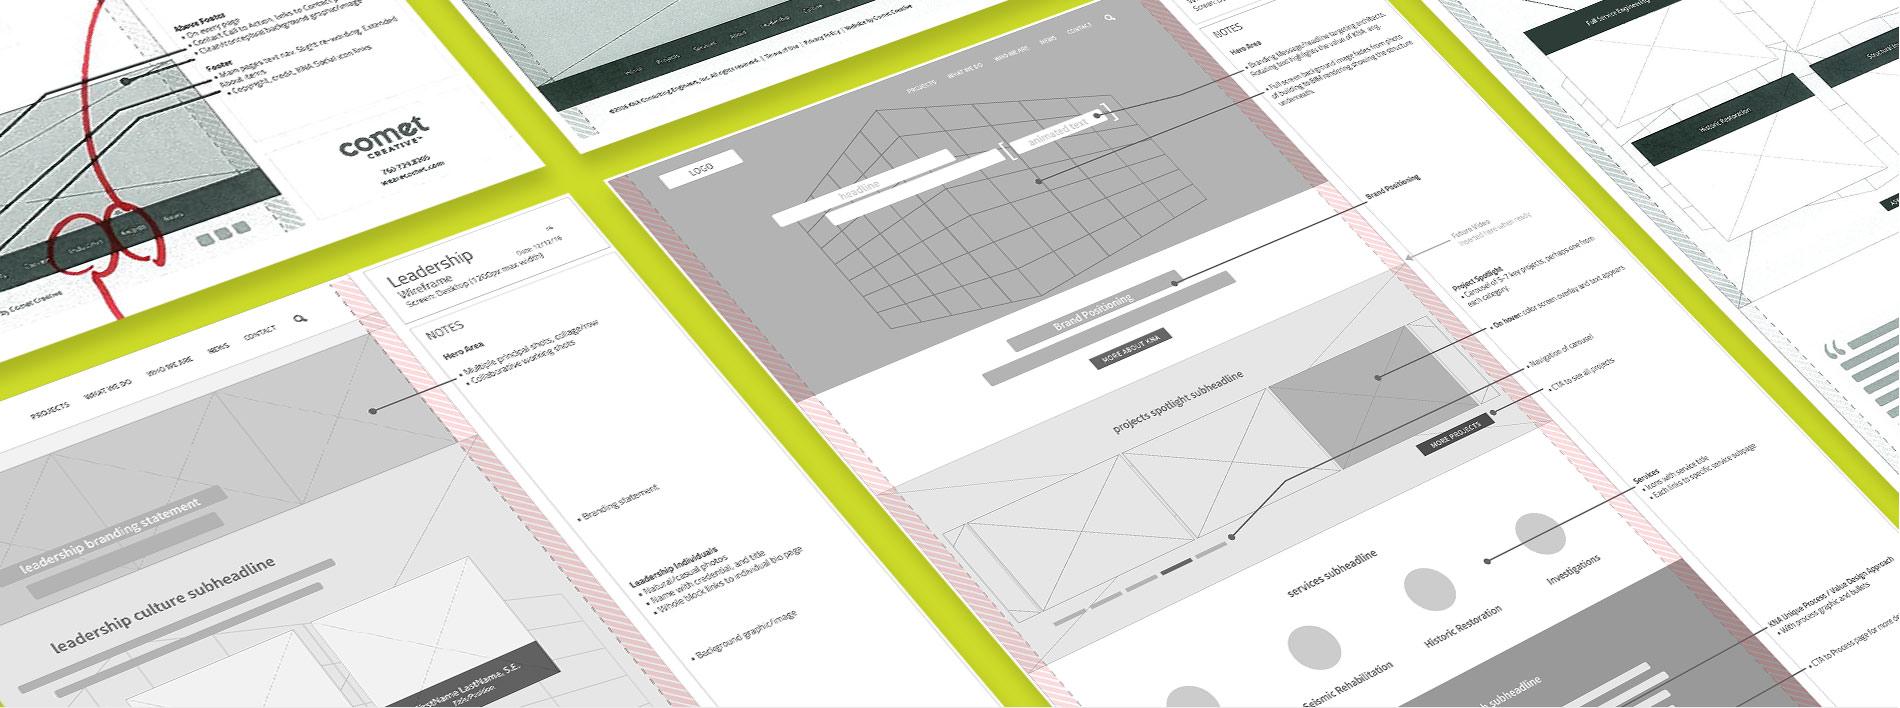 KNA website wireframes